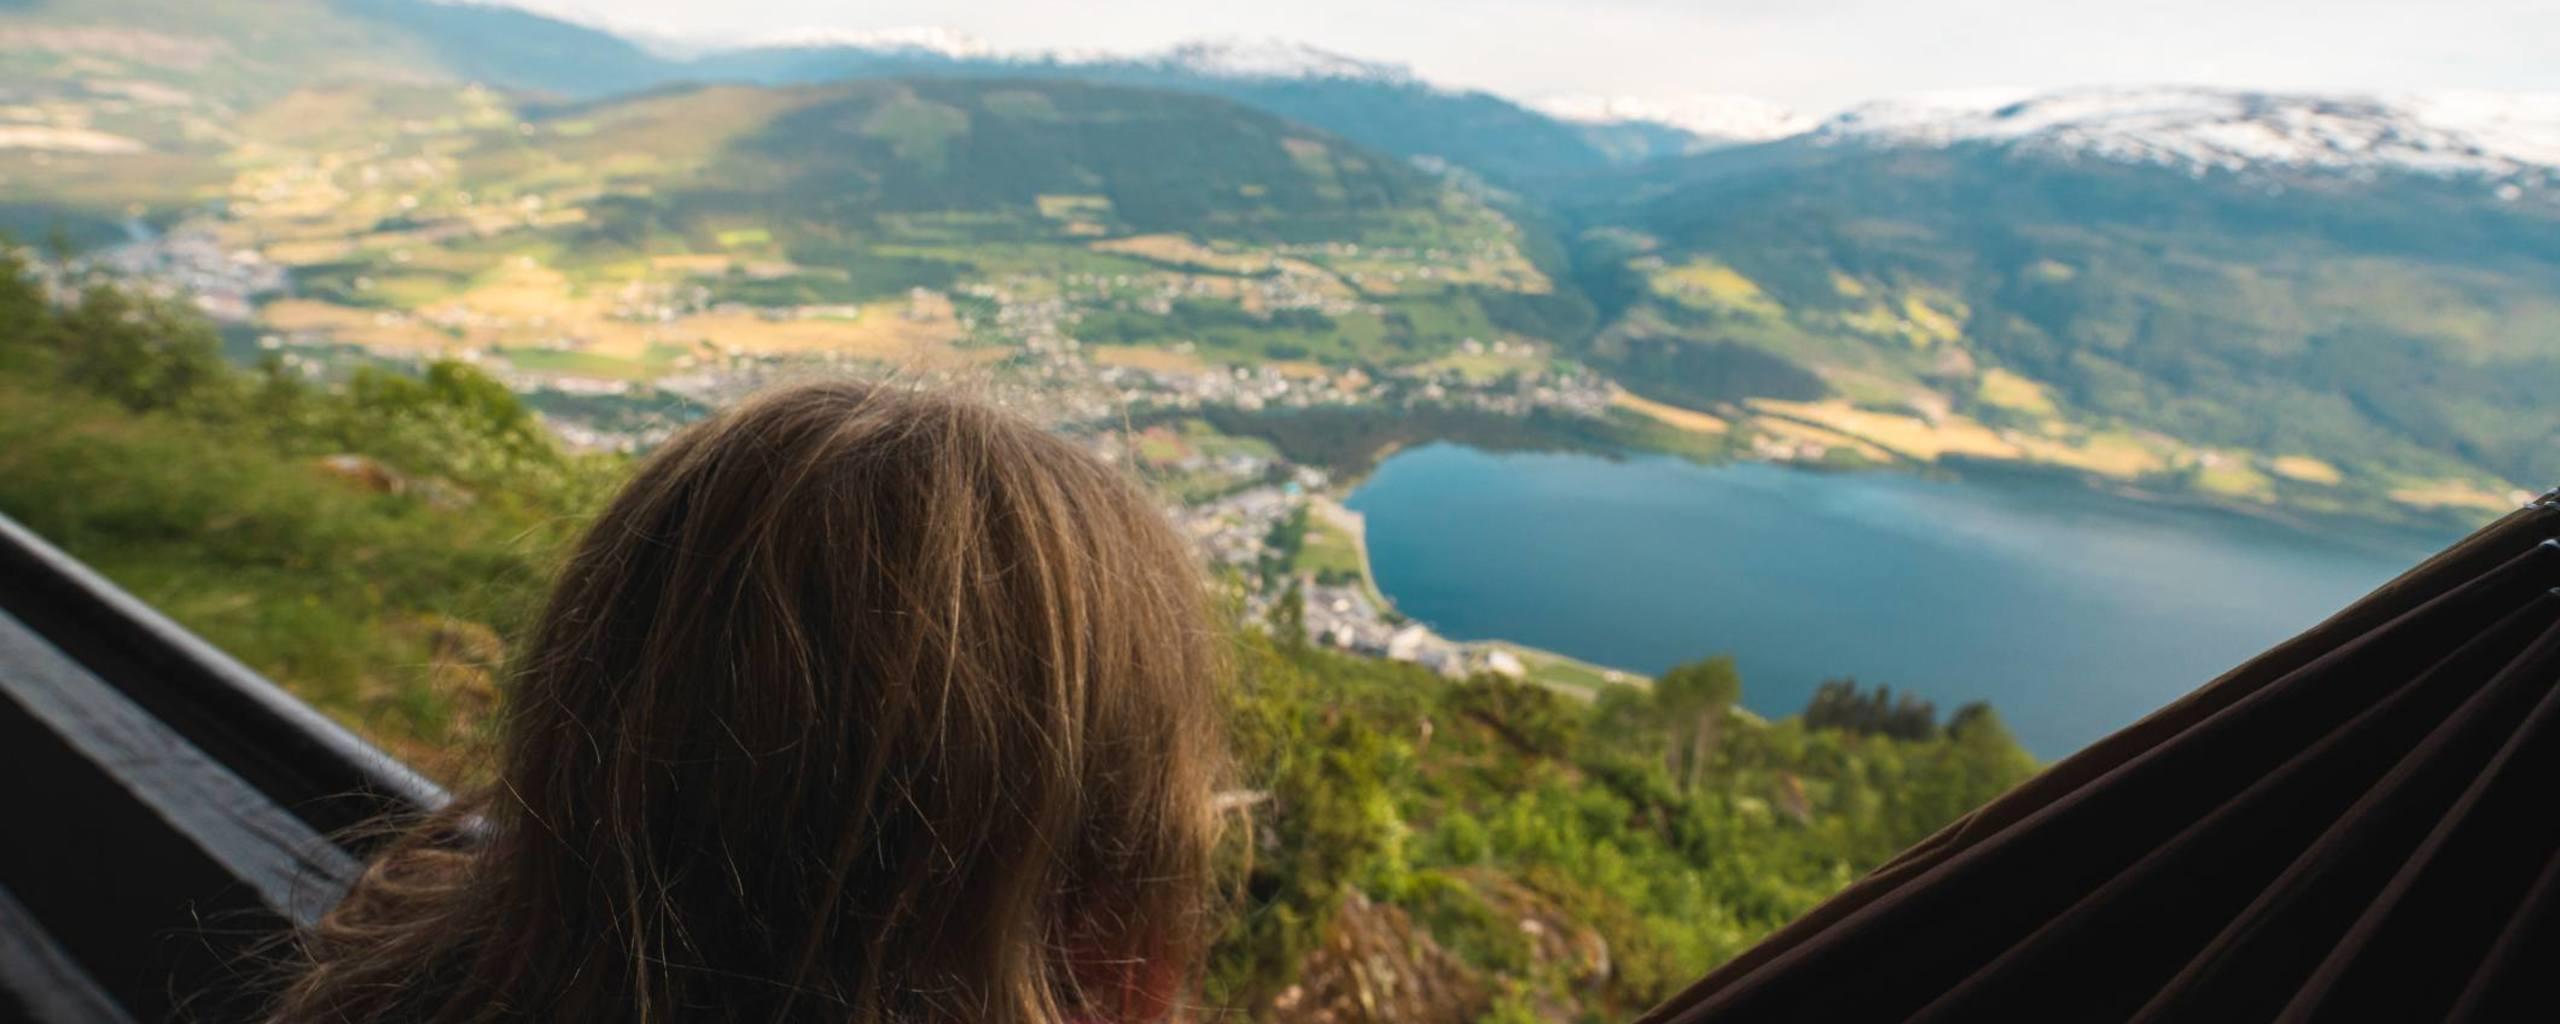 Utsikt frå hengekøya på Hanguren. Foto: Jon Hunnålvatn Tøn